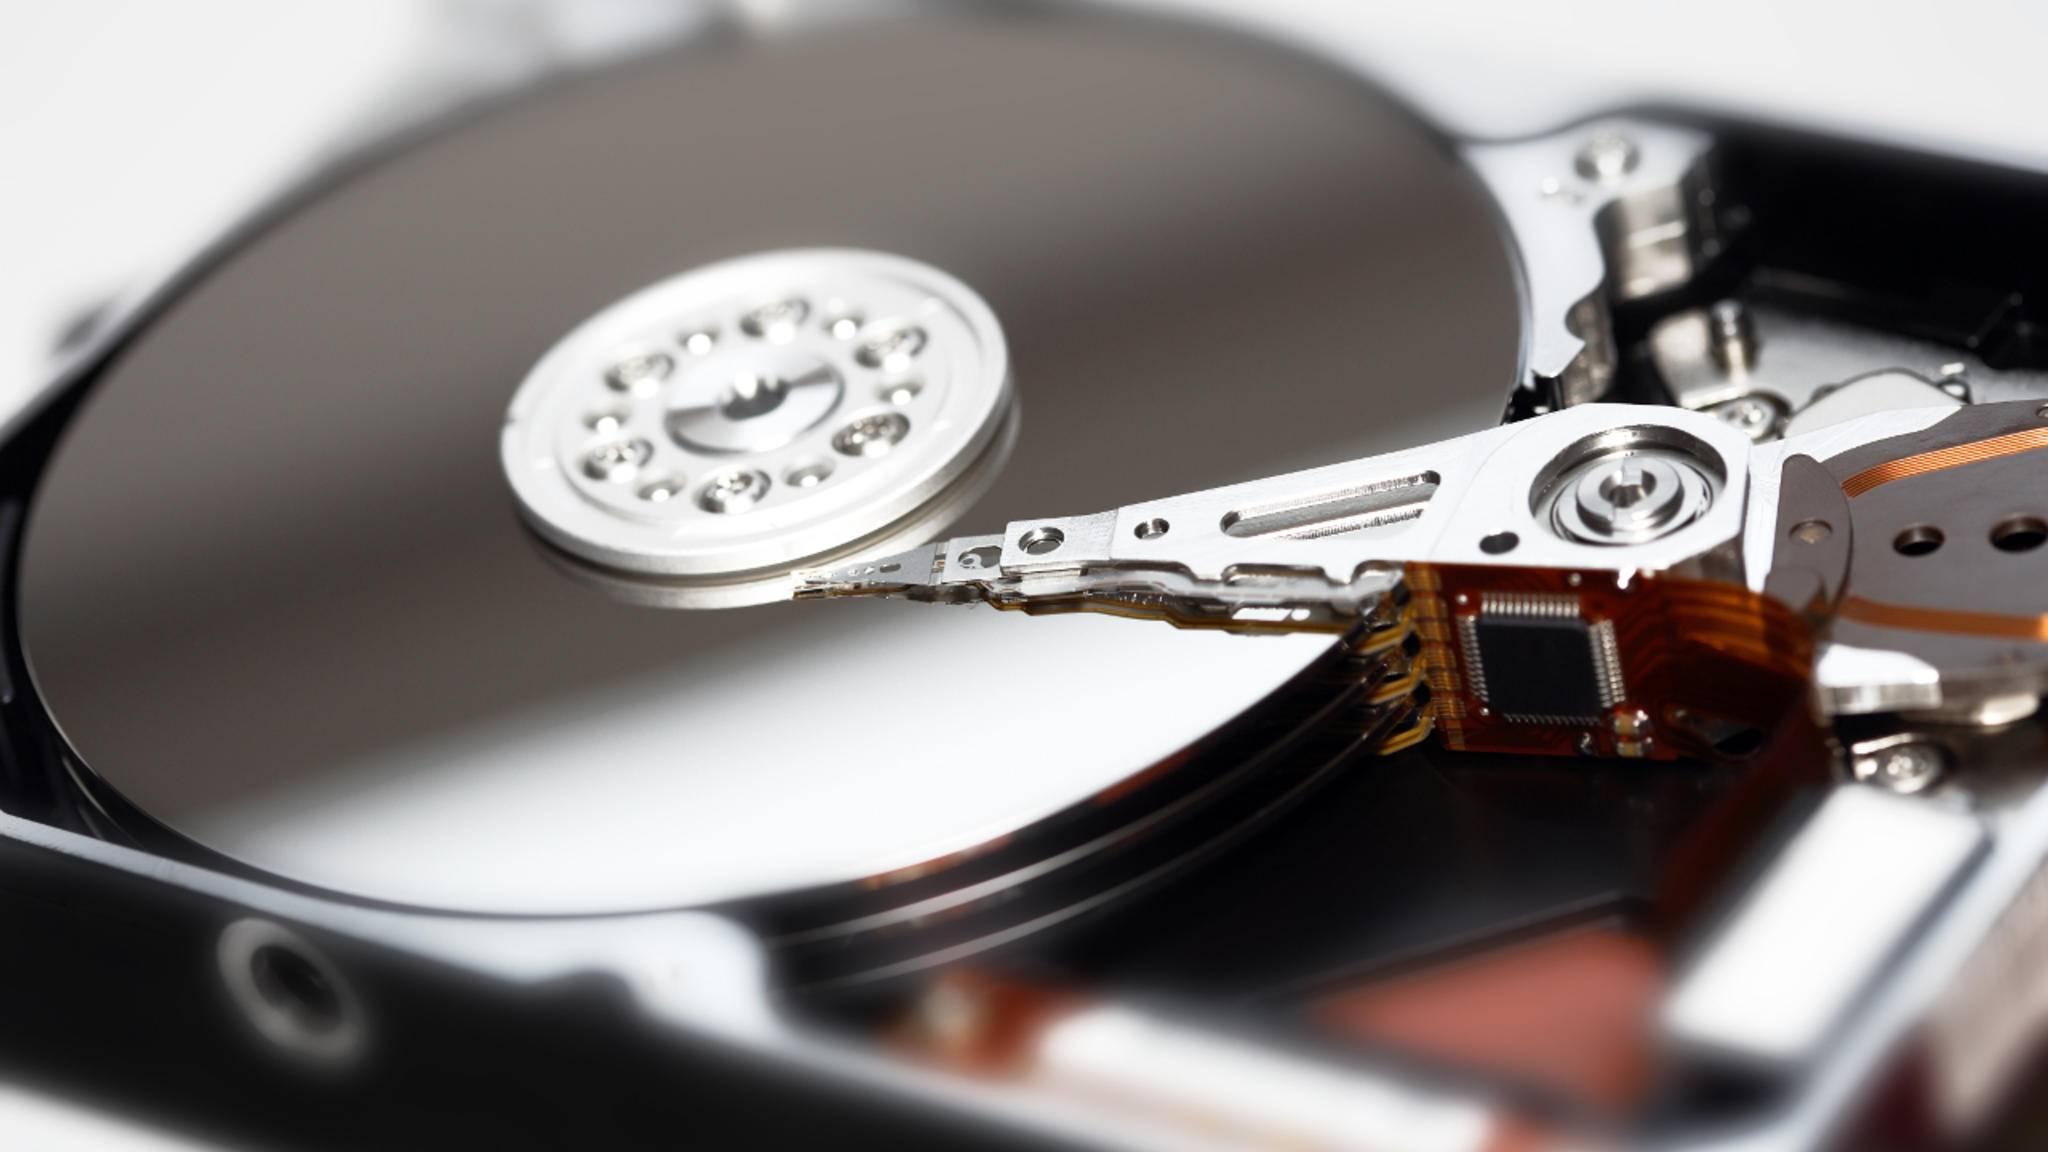 Mit Recovery-Tools können gelöschte Dateien wiederhergestellt werden.